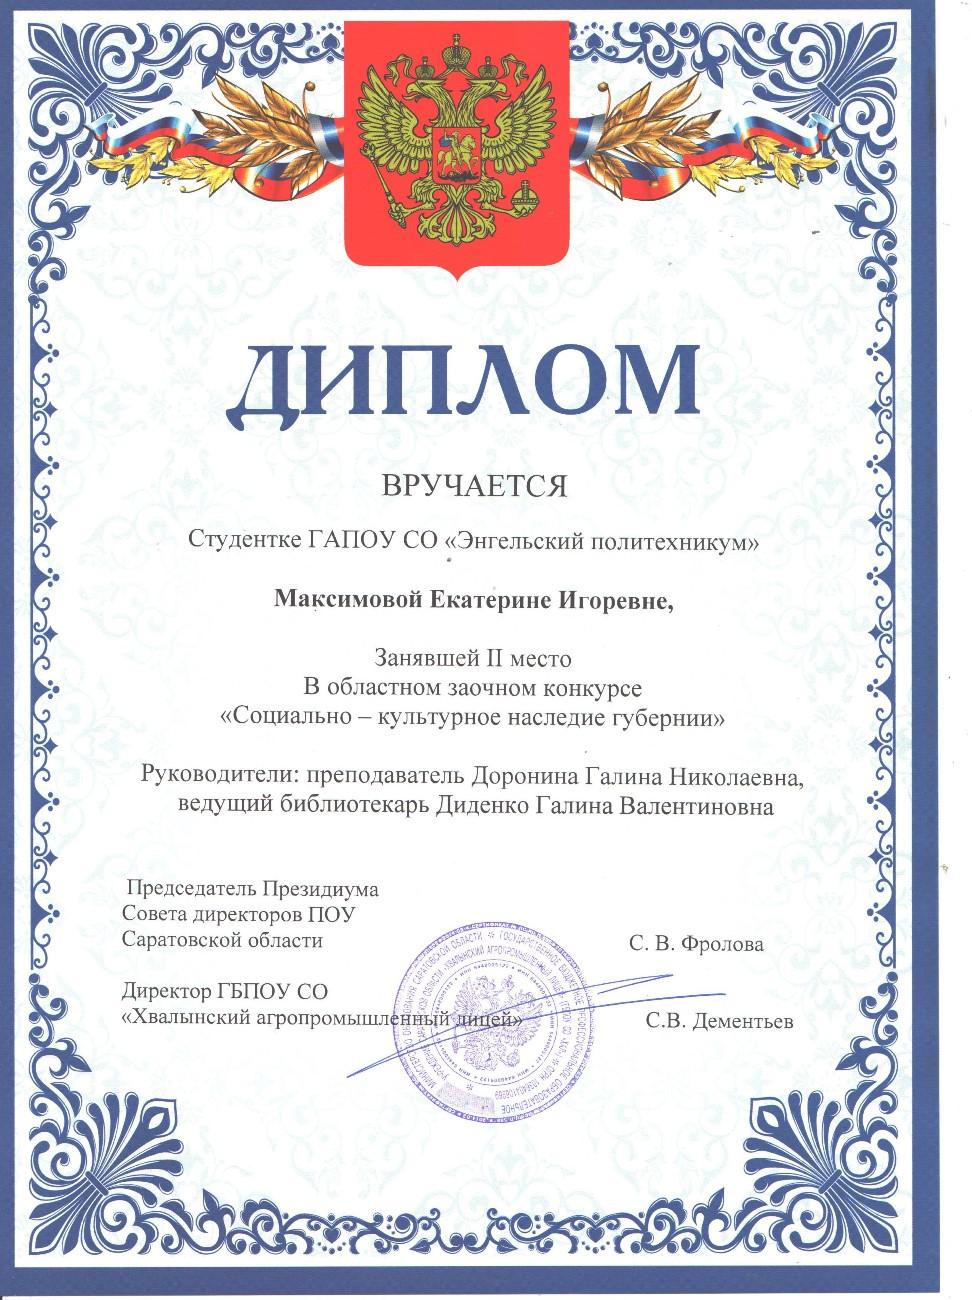 http://politehnikum-eng.ru/2018/05_23/53.jpg